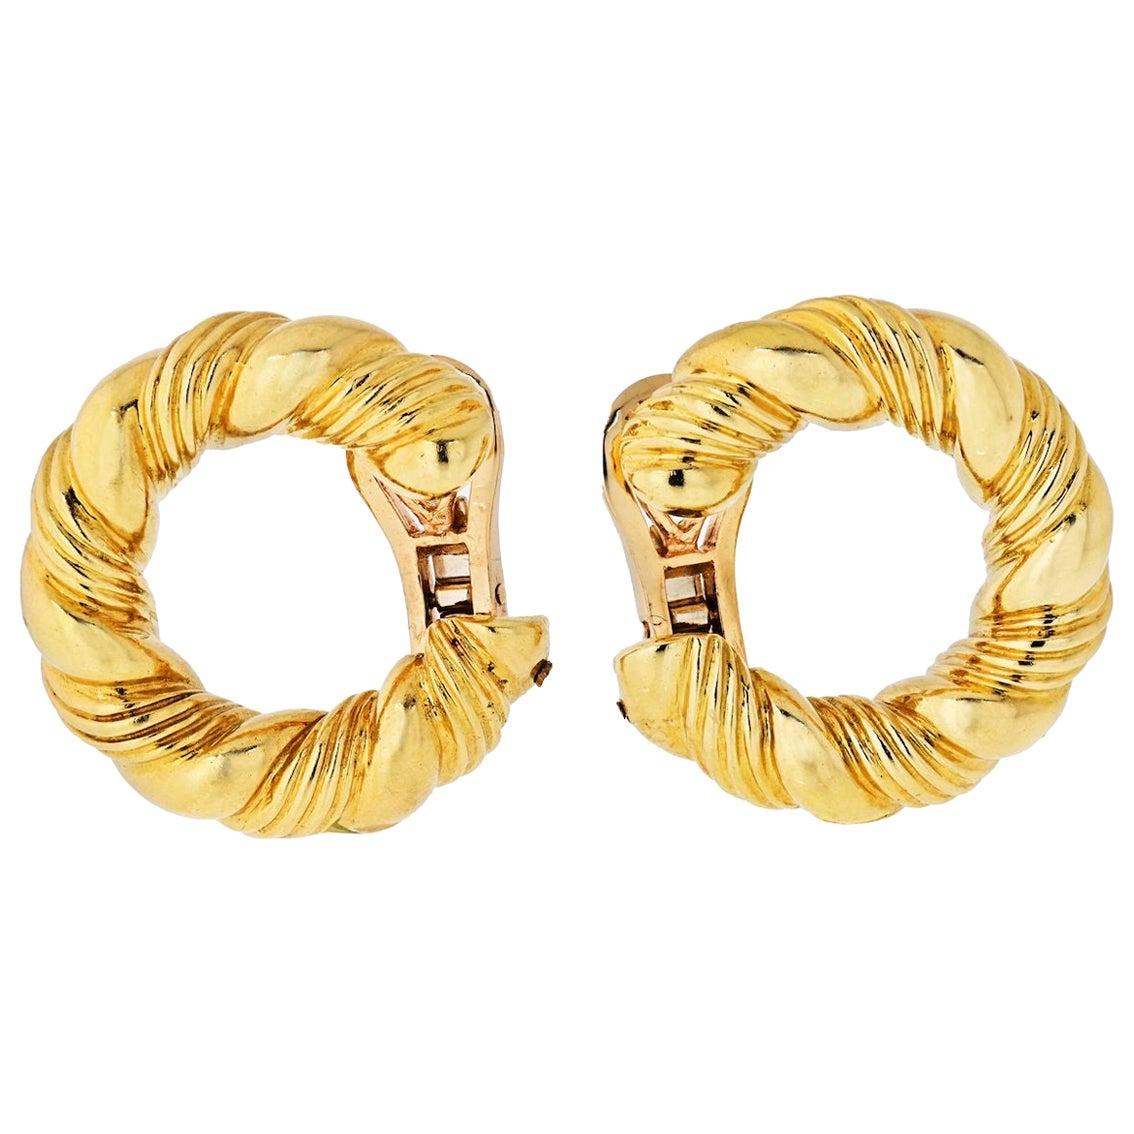 Van Cleef & Arpels 1970s 18 Karat Yellow Gold Twisted Hoop Earrings